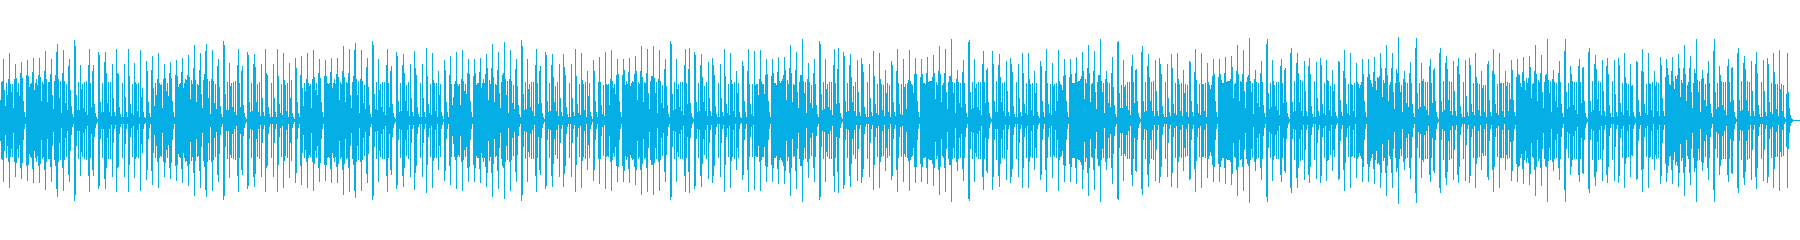 ショパン夜想曲4番のオルゴール Longの再生済みの波形